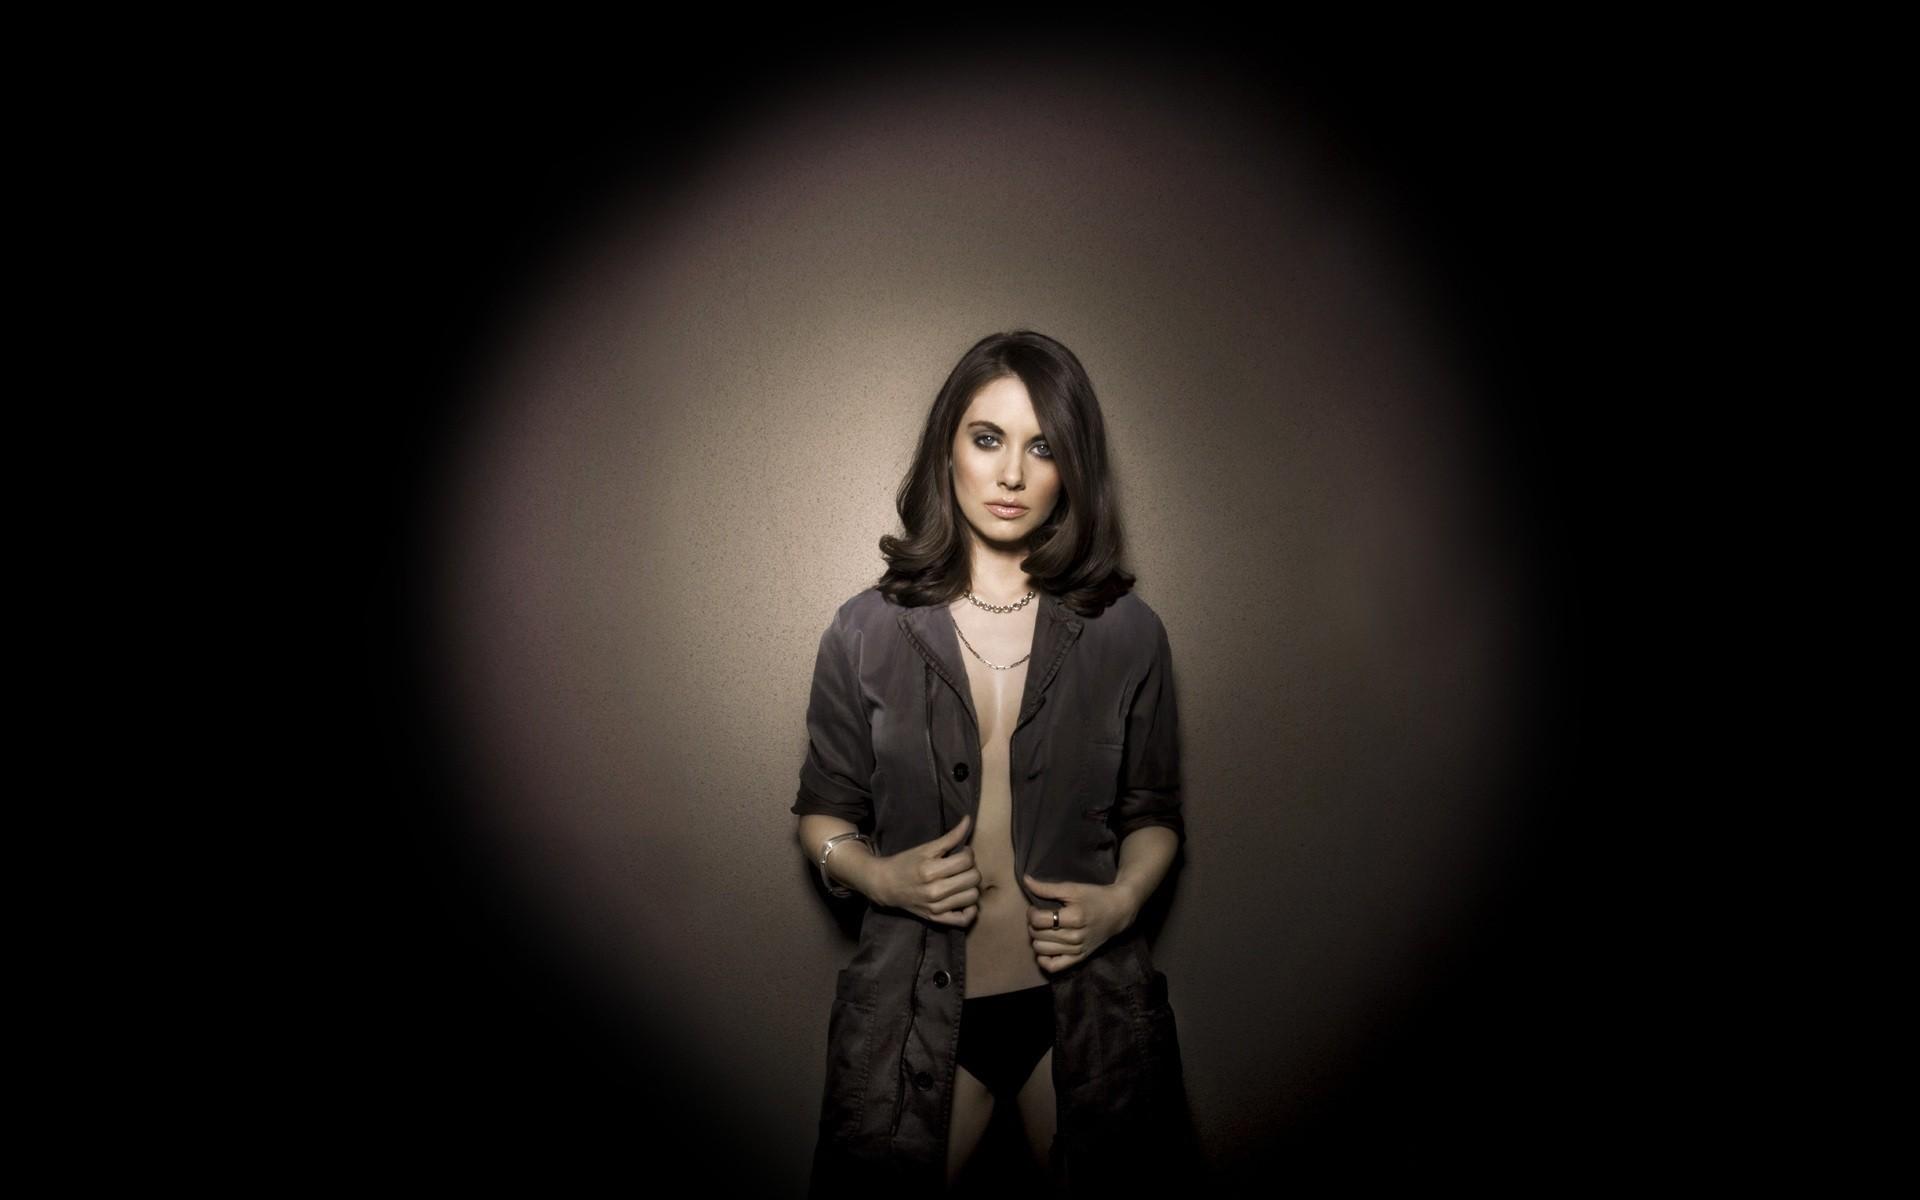 Alison Brie Desktop Images